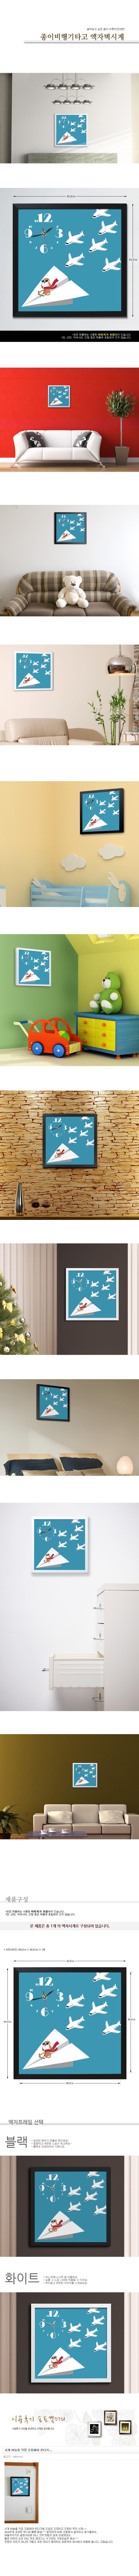 iz210-종이비행기타고액자벽시계_디자인액자시계 - 꾸밈, 29,200원, 벽시계, 디자인벽시계